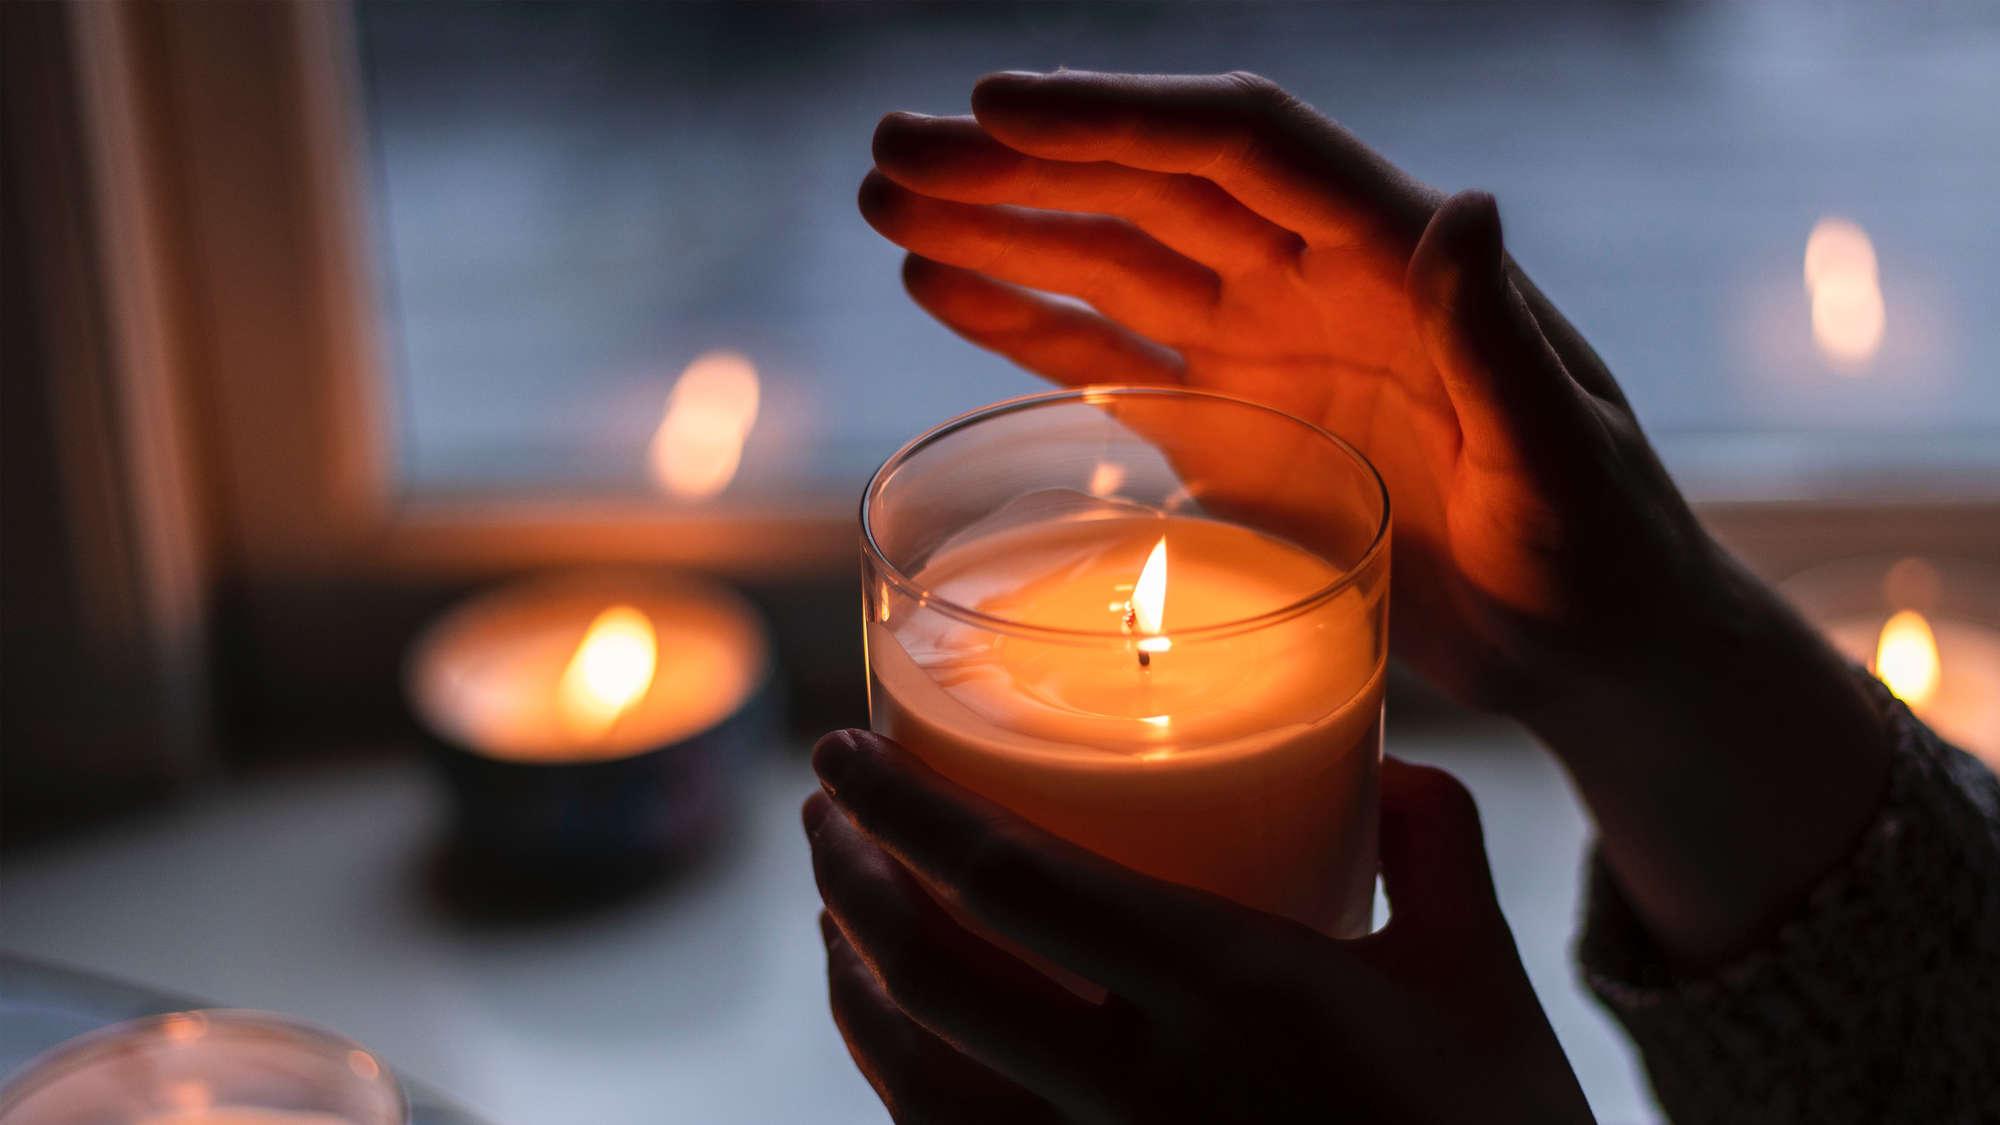 Symbolbild - Kerzen am Fenster entzünden